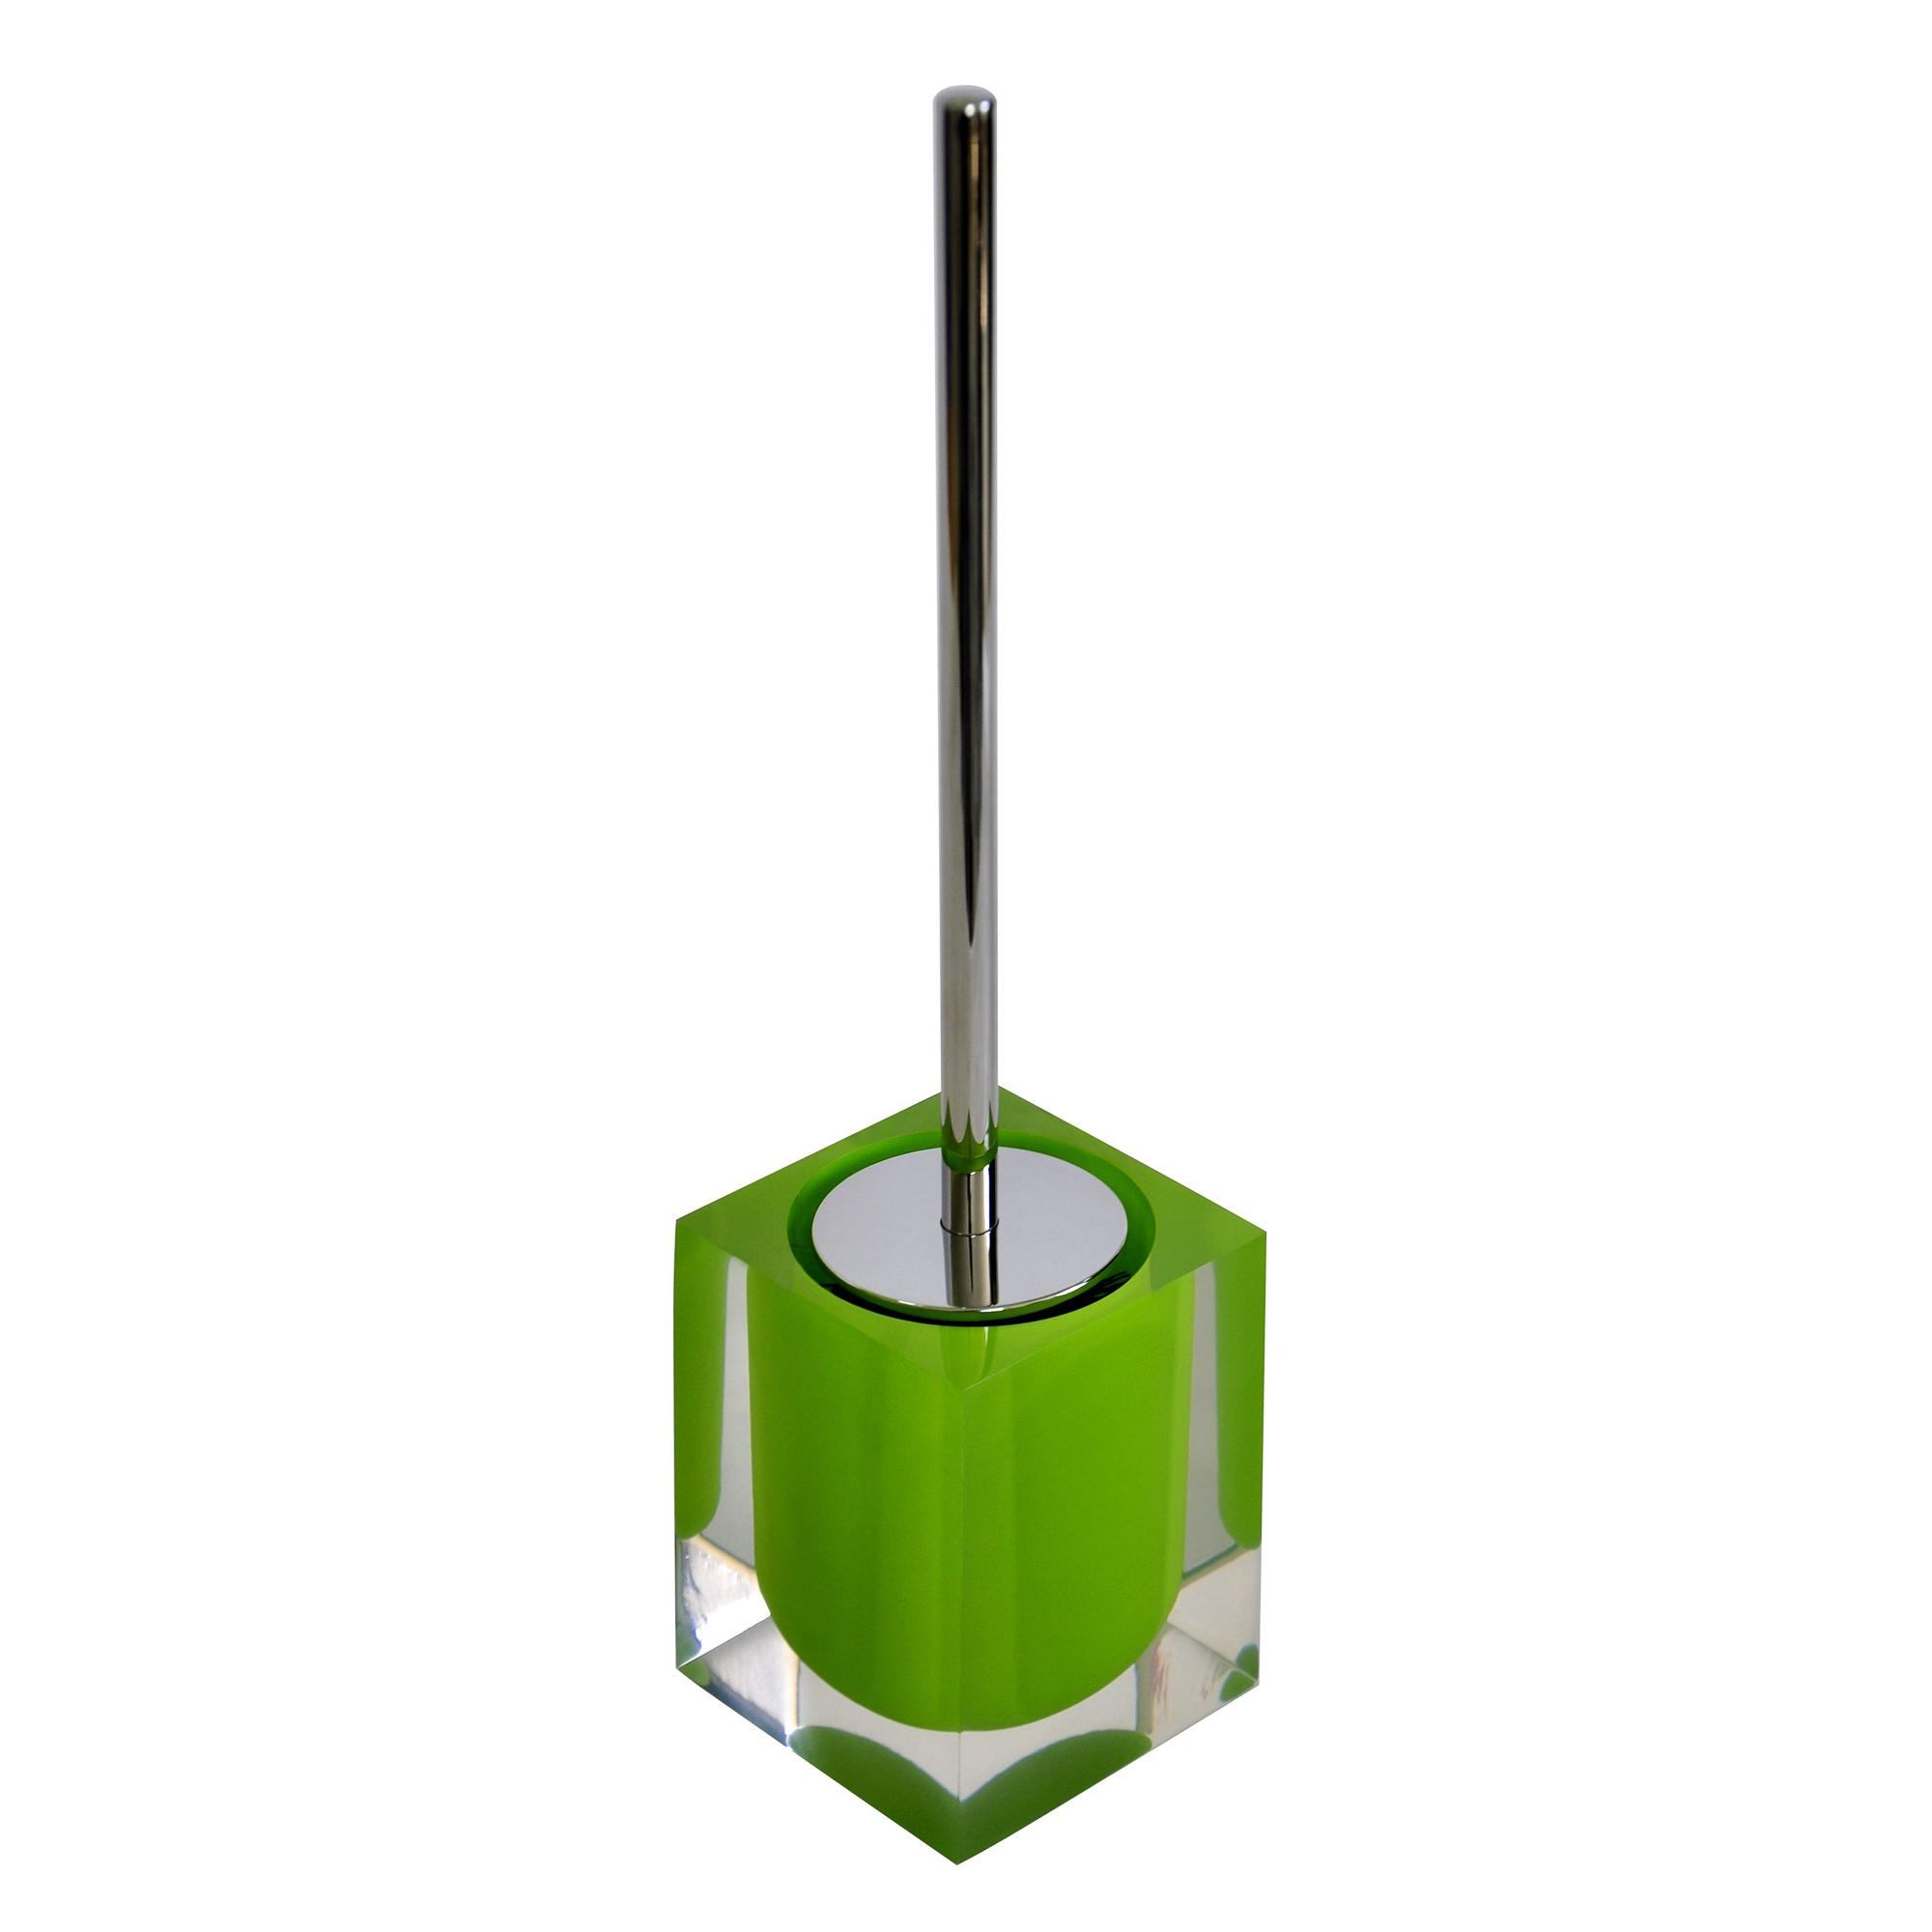 Ёрш для унитаза Colours зеленый Ridder ершик для унитаза ridder colours 22280402 розовый